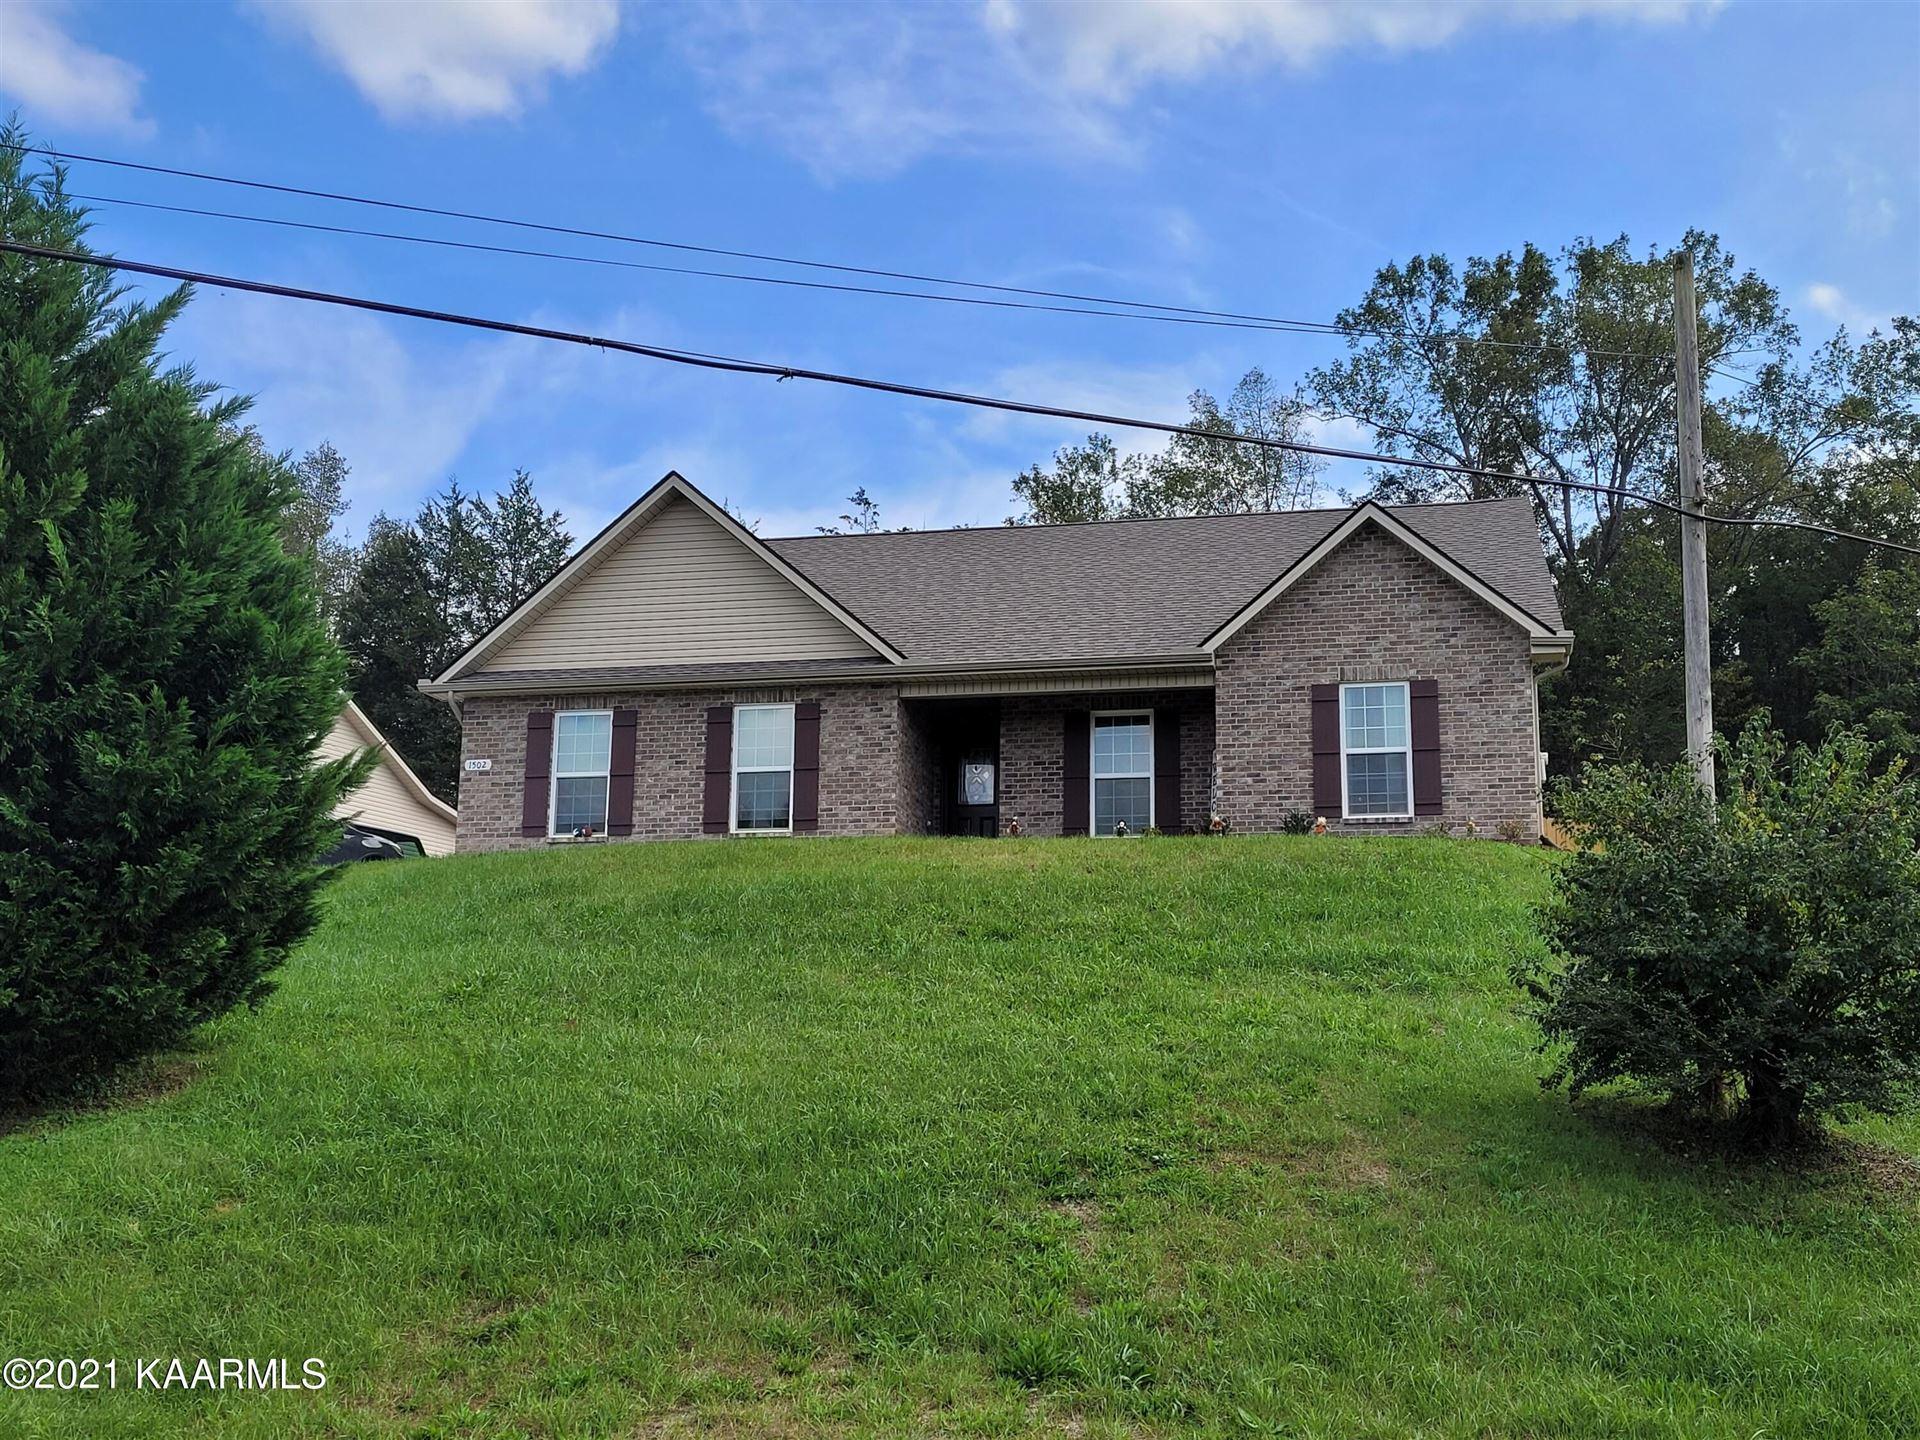 Photo of 1502 Griffitts Blvd, Maryville, TN 37803 (MLS # 1170656)